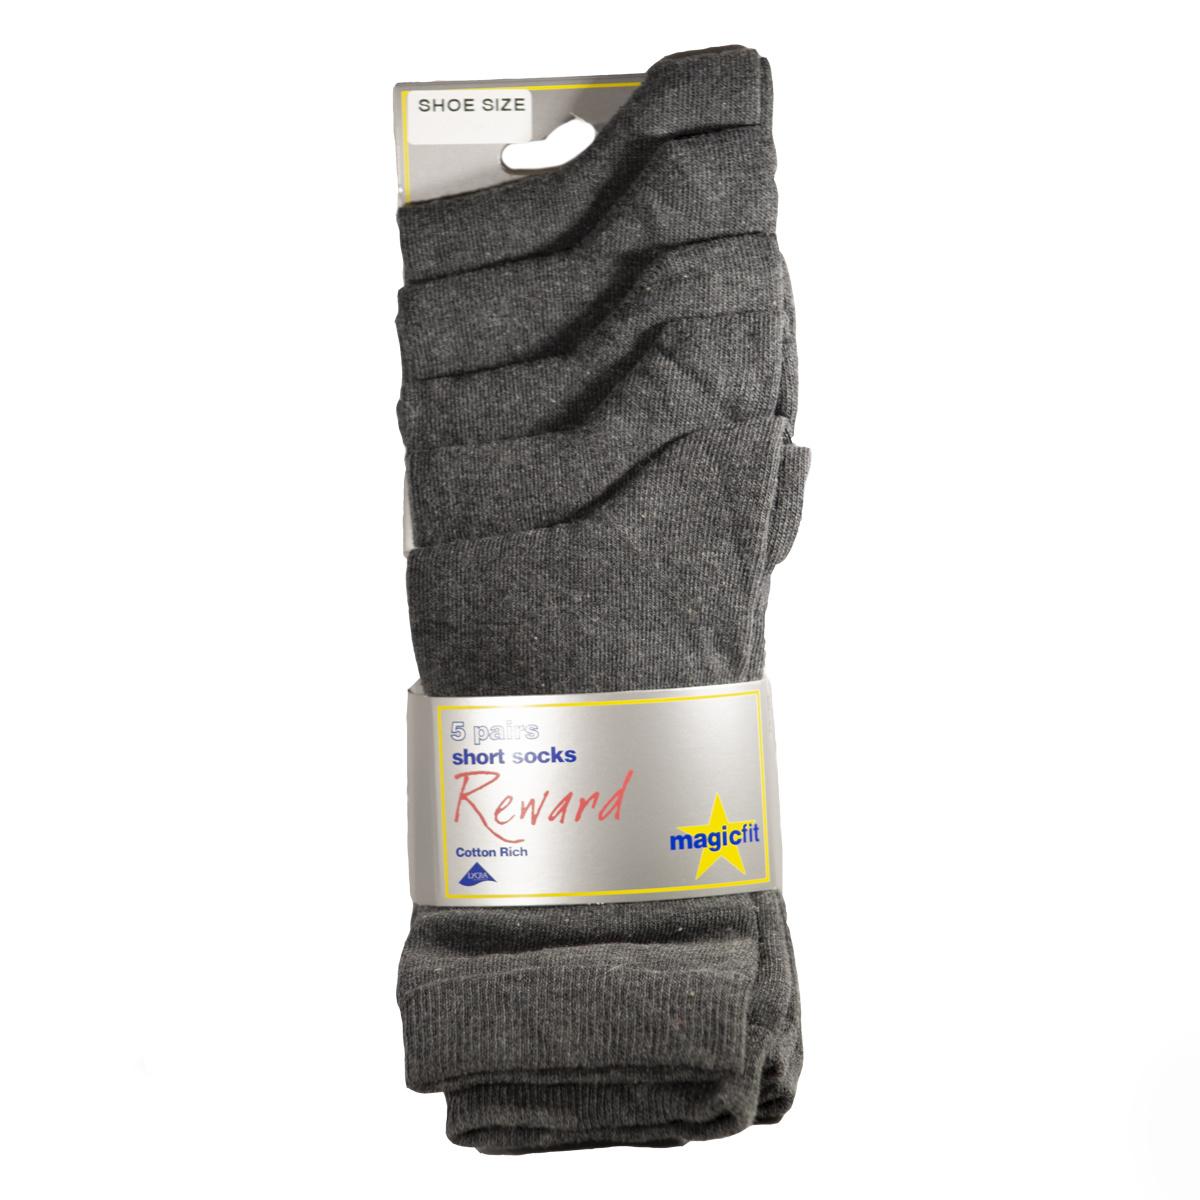 Magicfit Adult Short Socks